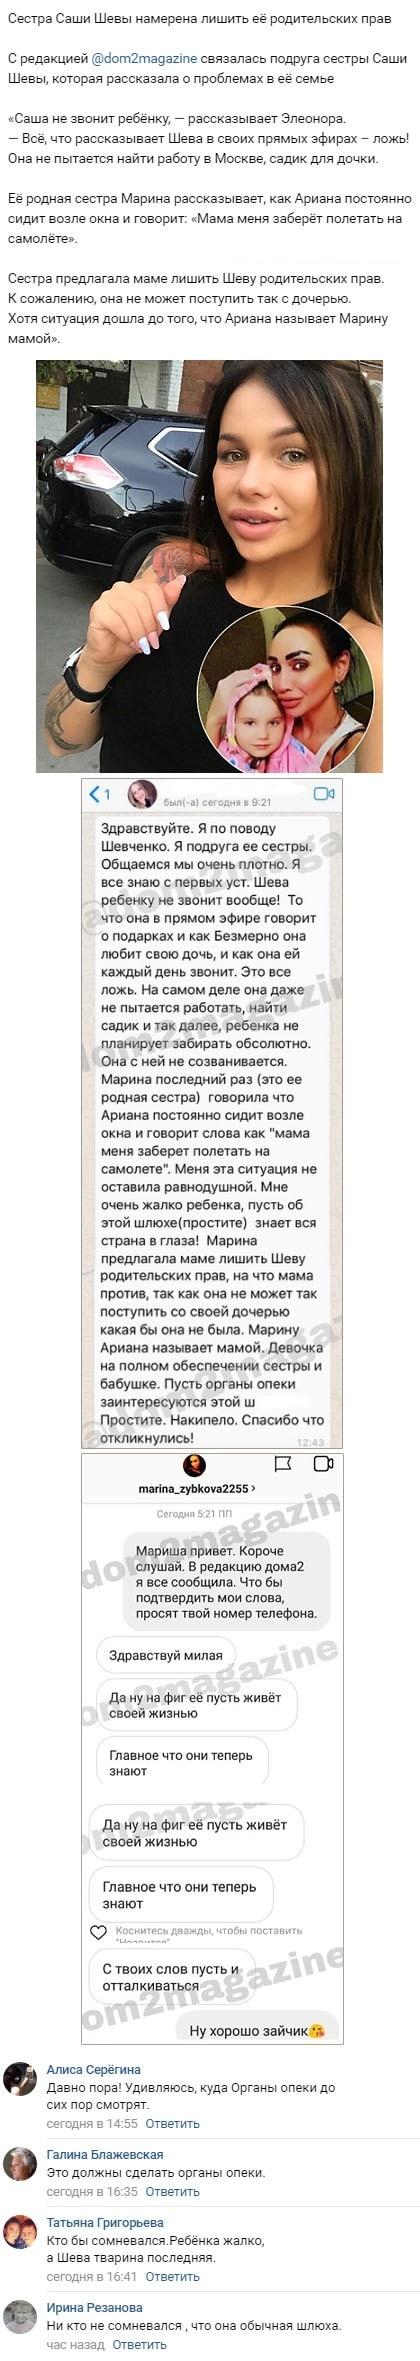 Александру Шеву лишают родительских прав